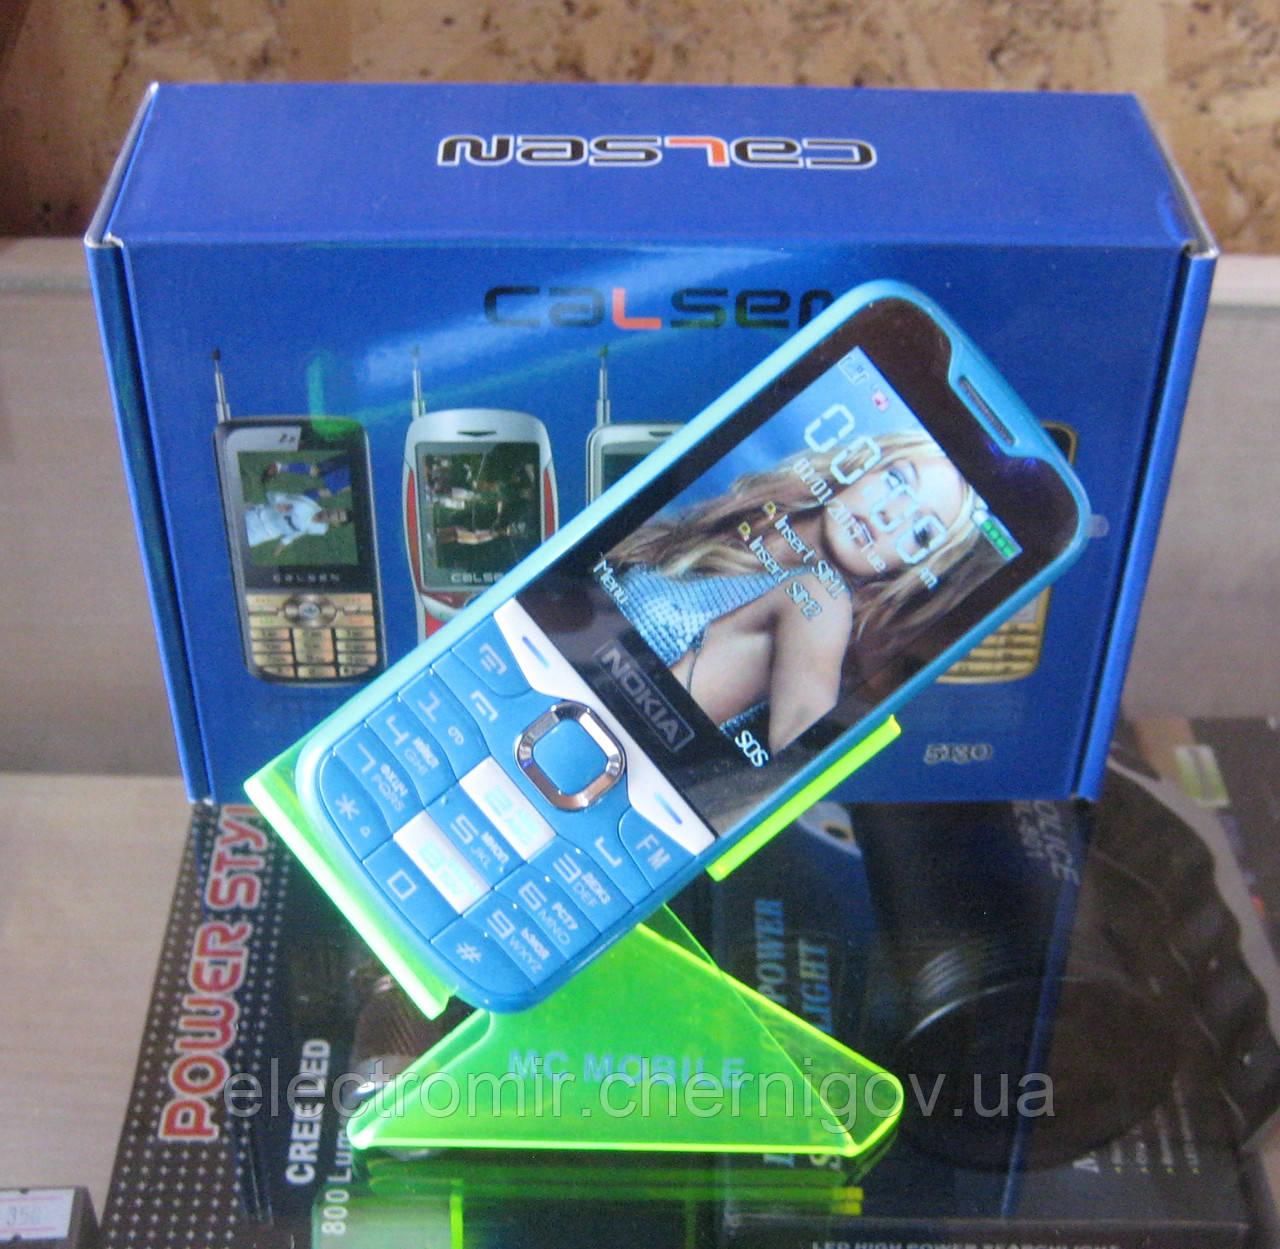 Мобильный телефон Nokia 5180 (синий) (реплика)